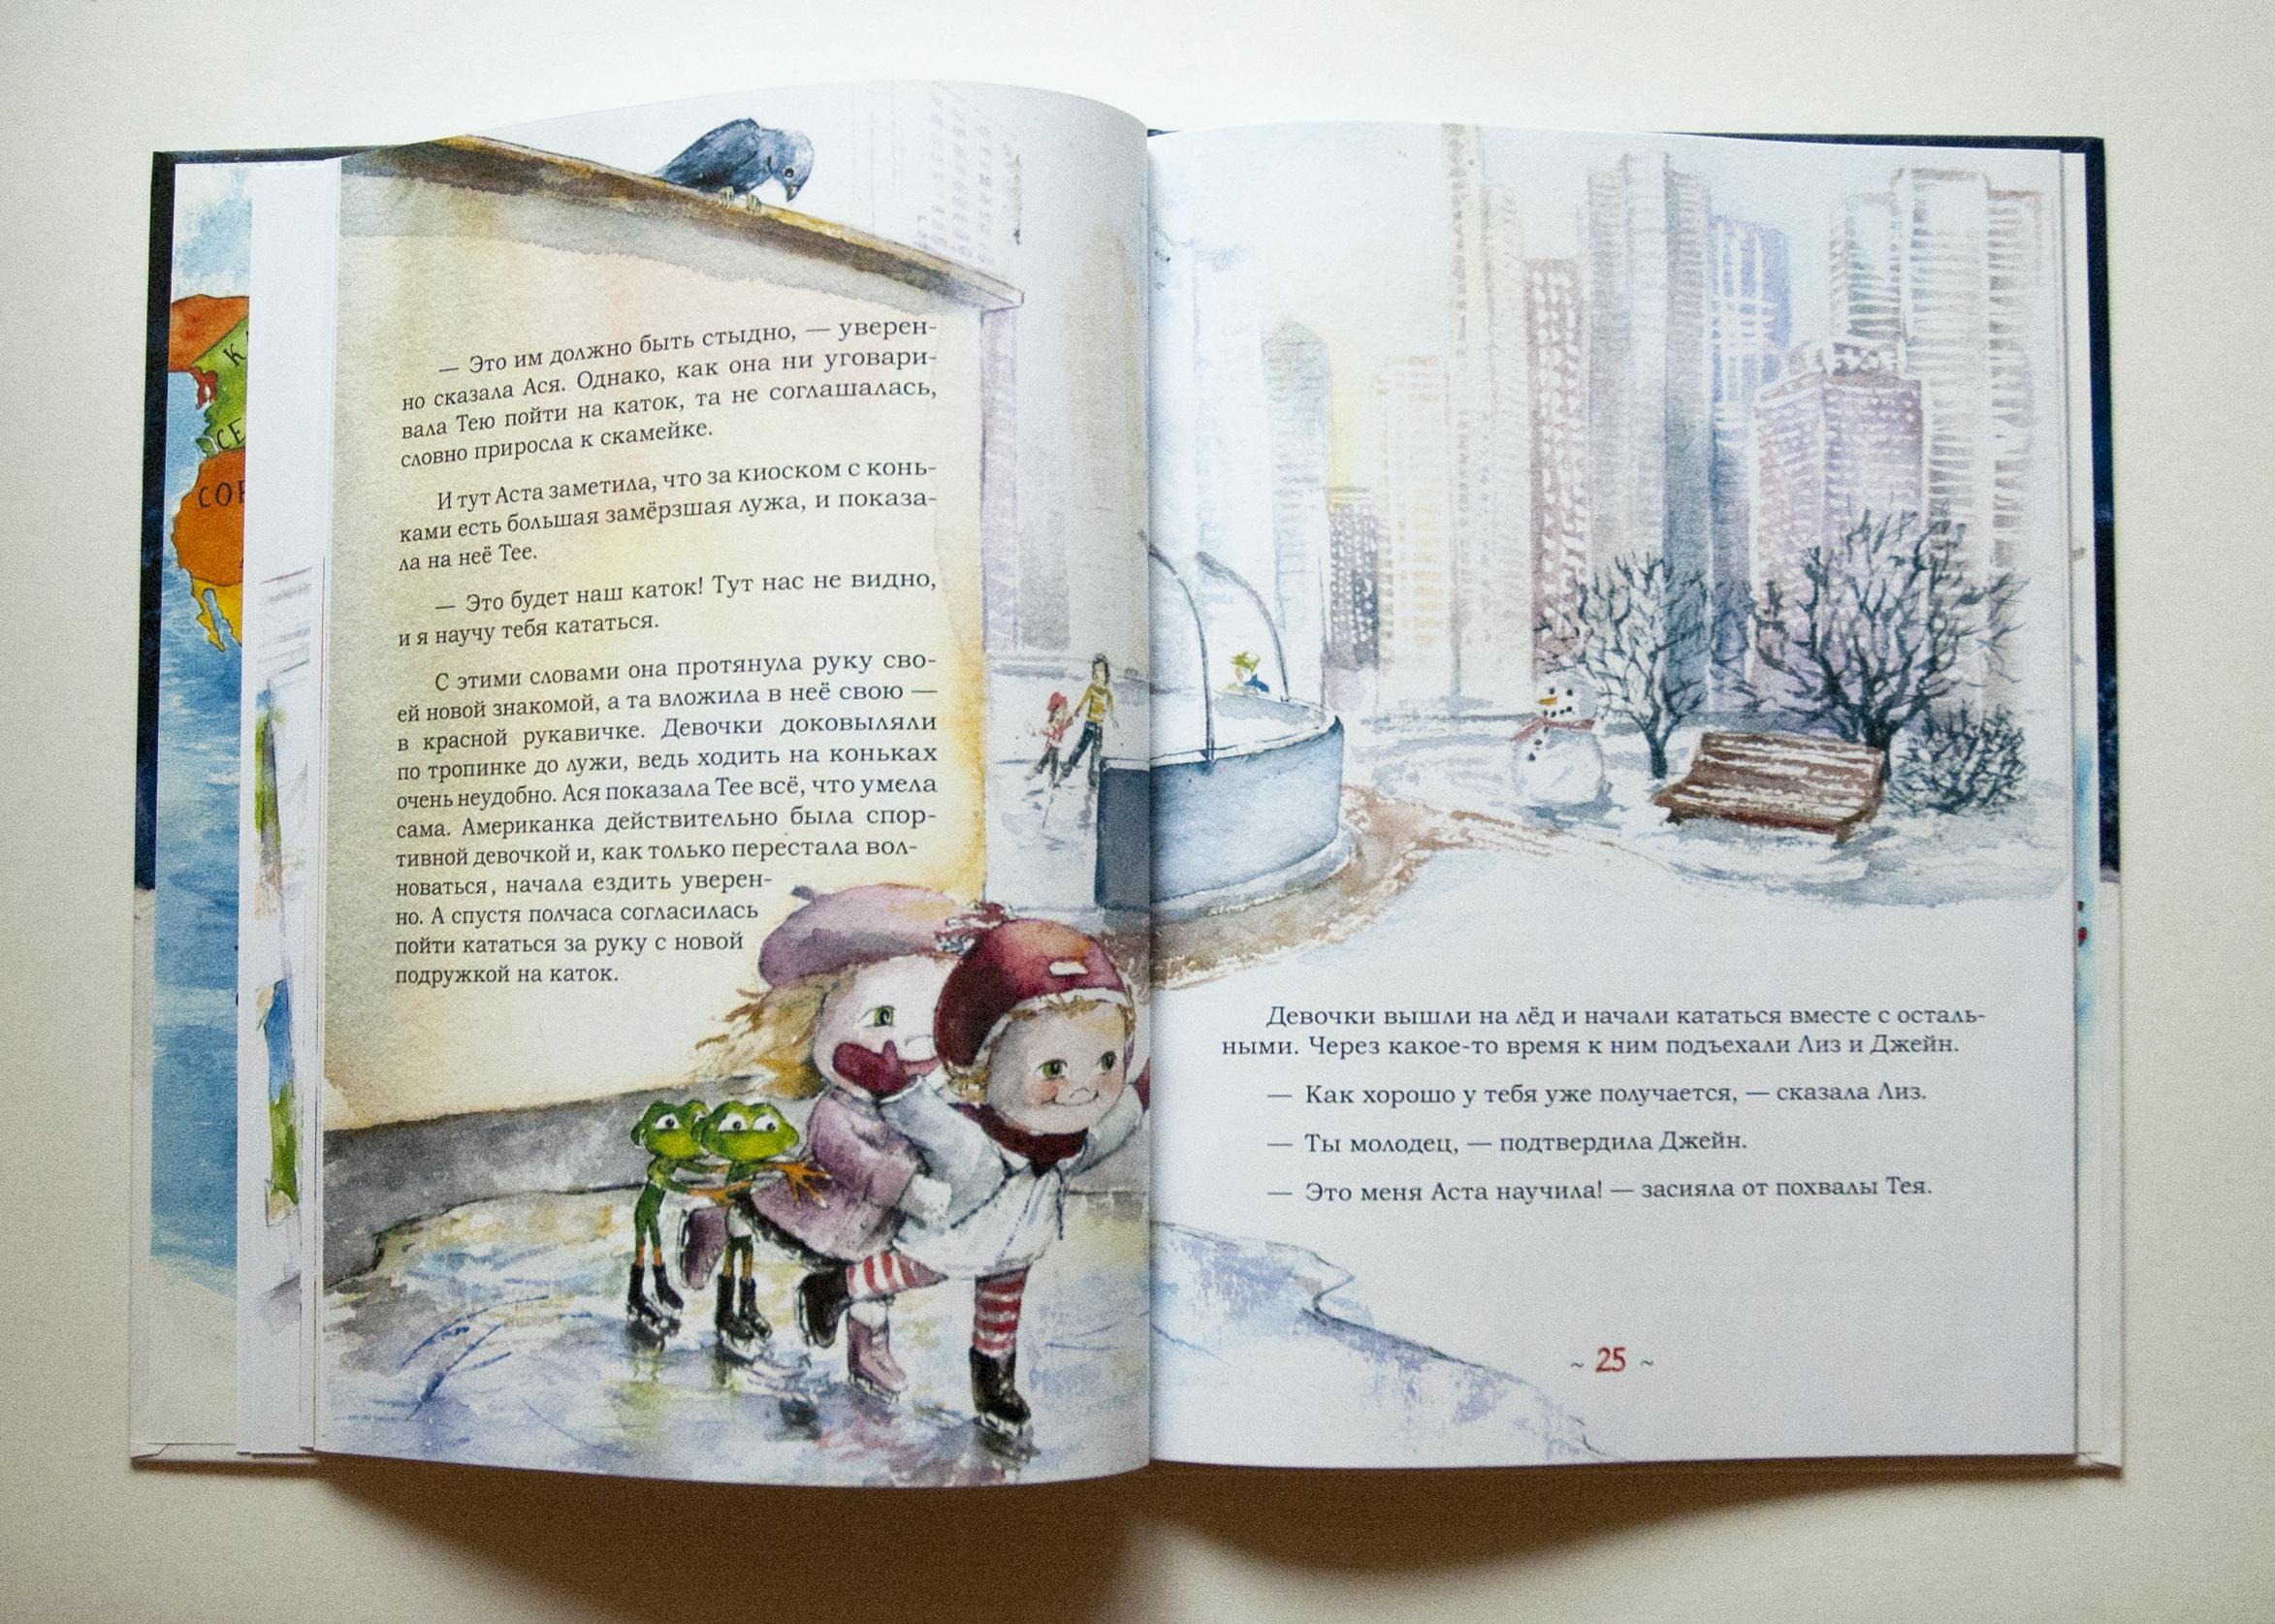 В этой книге Аста посетила Париж, Дели, Вашингтон, Токио, Рио-де Жанейро и  Преторию. Приключения у неё не то чтобы выдающиеся  помочь потерявшемуся  мальчику ... d2e926d7a07